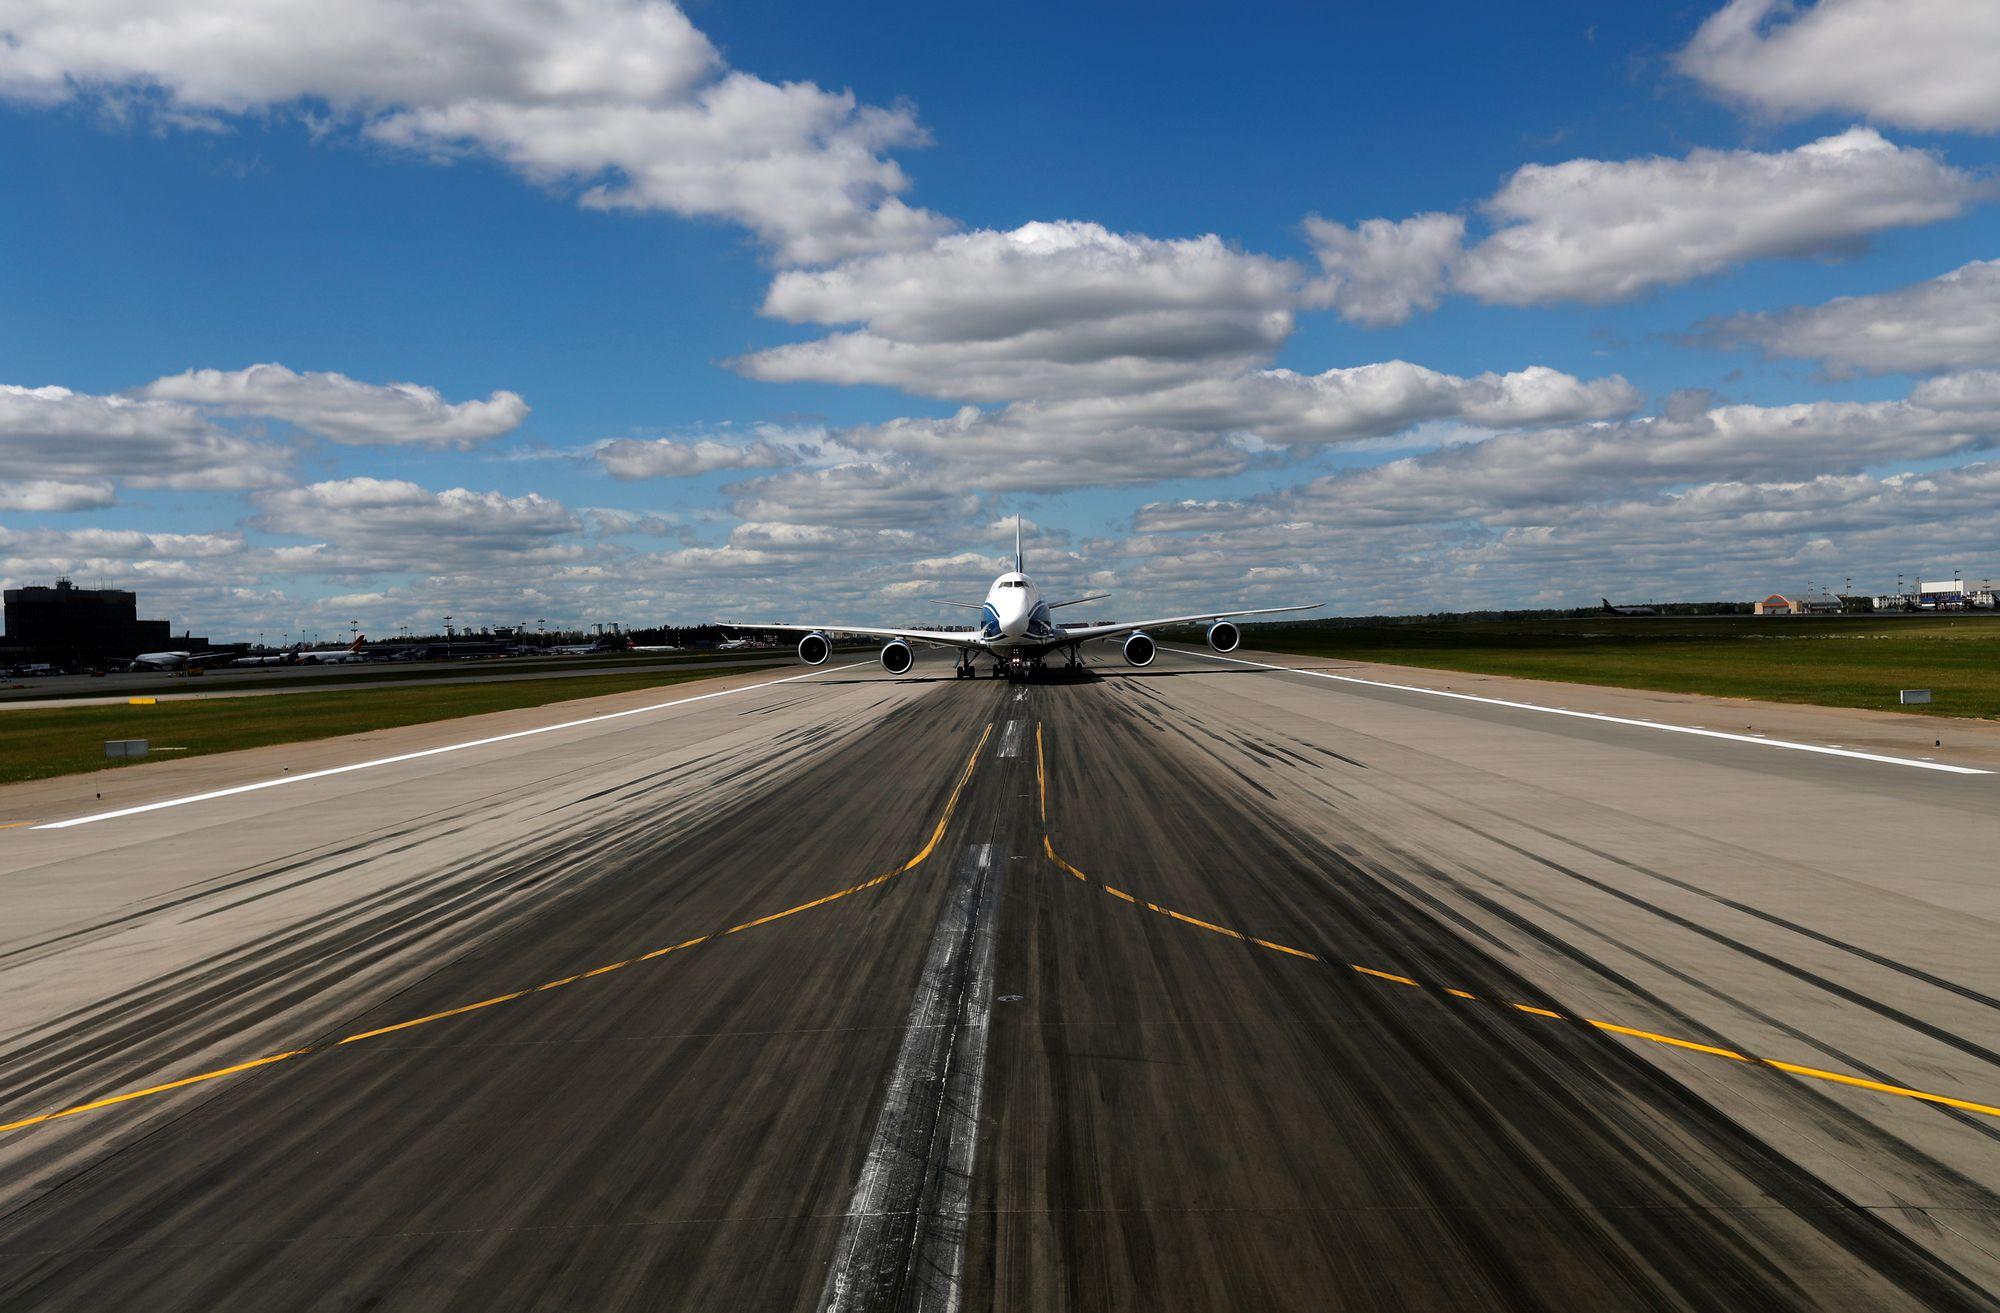 nouveaux carburants et appareils modulaires les pistes de l 39 aviation du futur monde. Black Bedroom Furniture Sets. Home Design Ideas